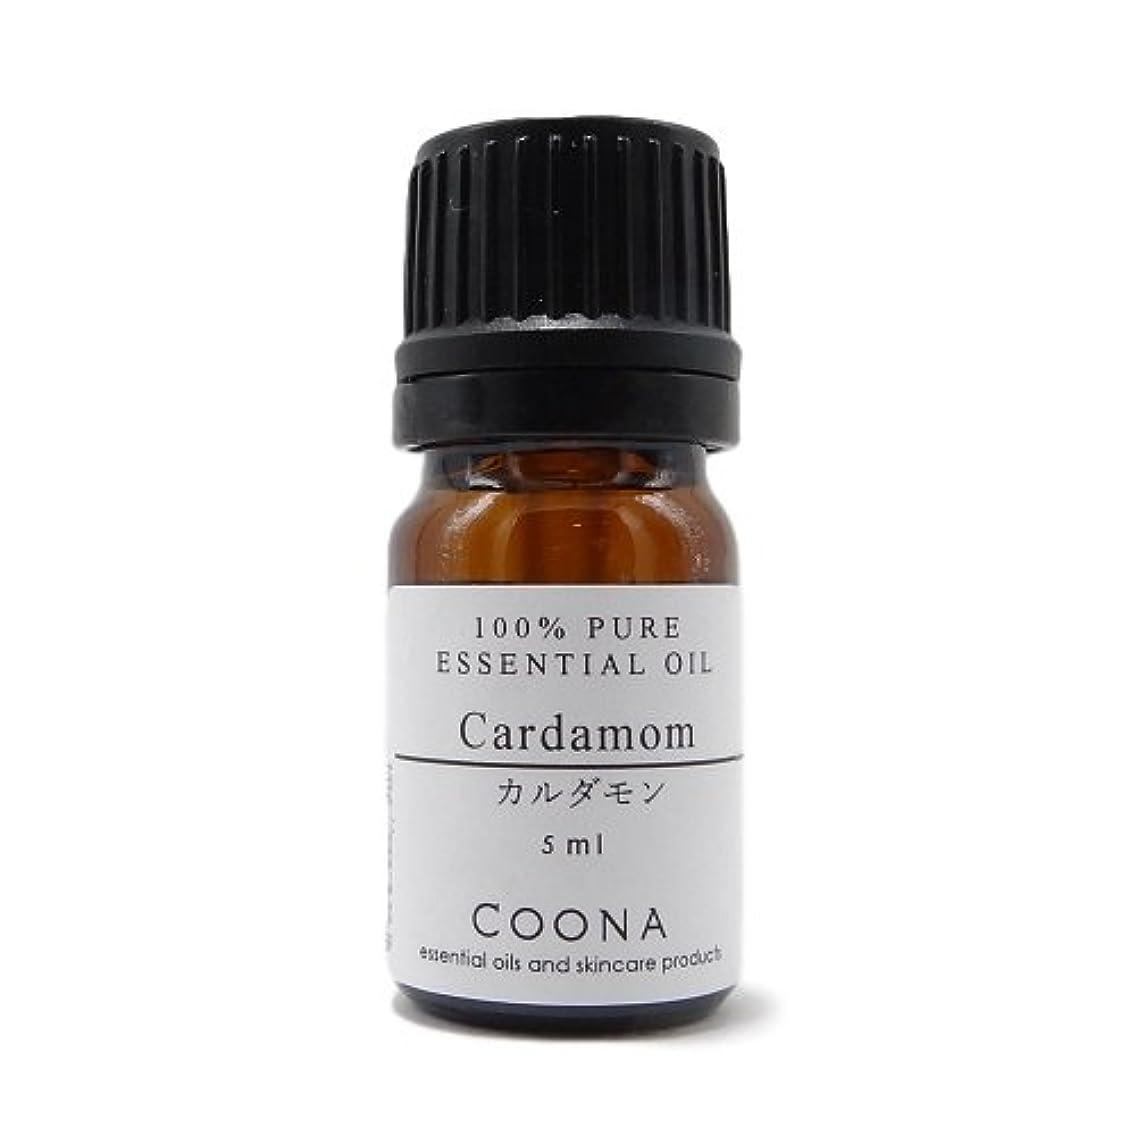 証明書米ドル議会カルダモン 5 ml (COONA エッセンシャルオイル アロマオイル 100%天然植物精油)